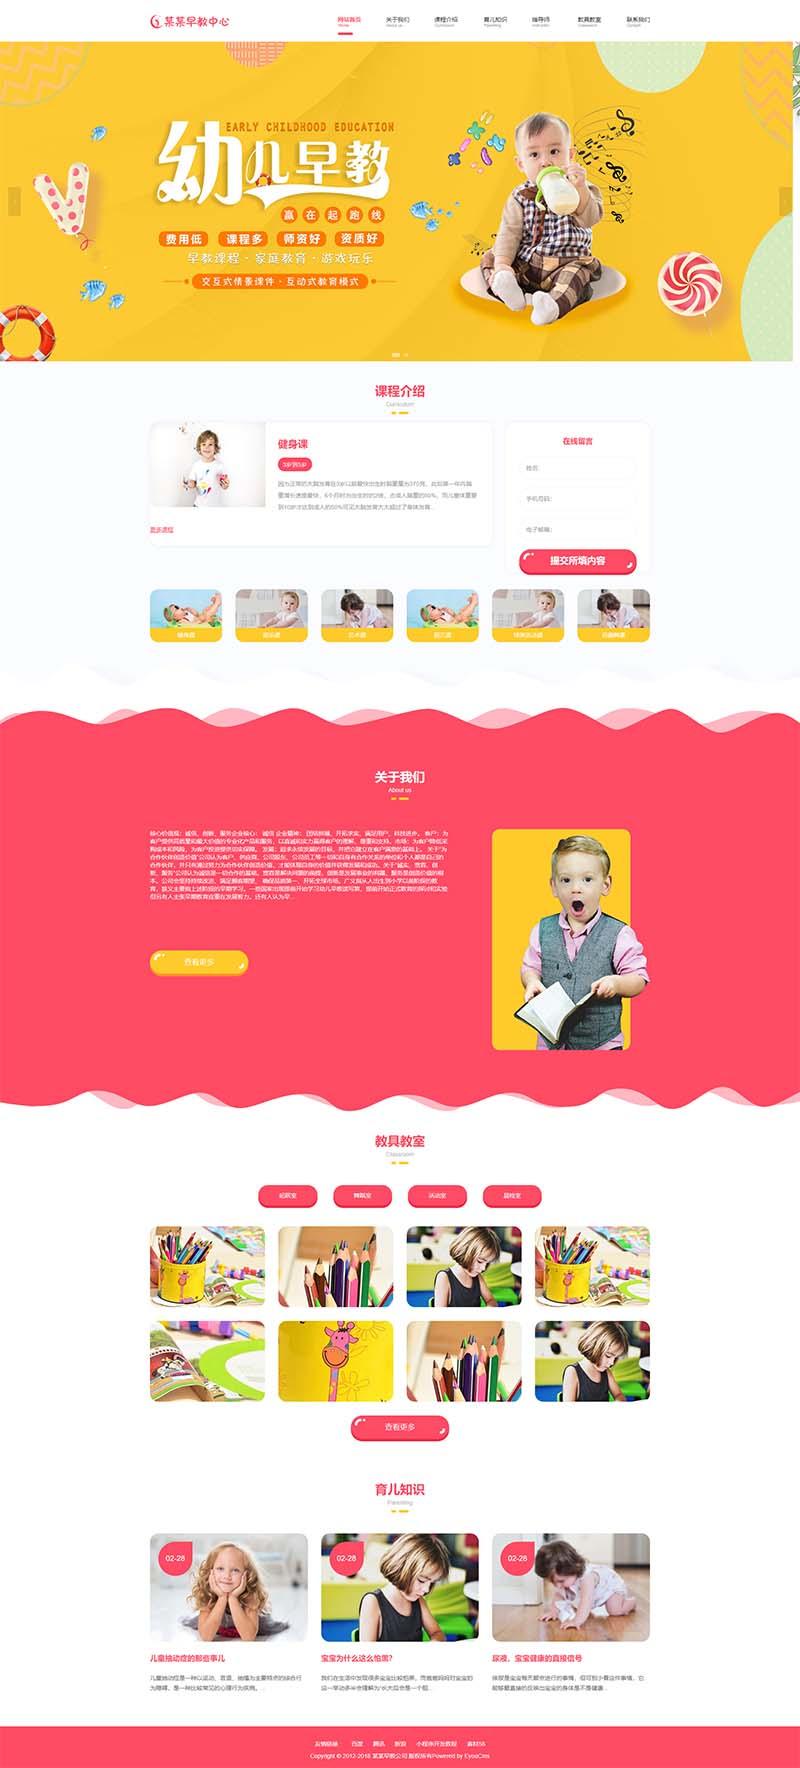 婴幼儿早教中心精品源码,启蒙网站管理系统最新版-图1